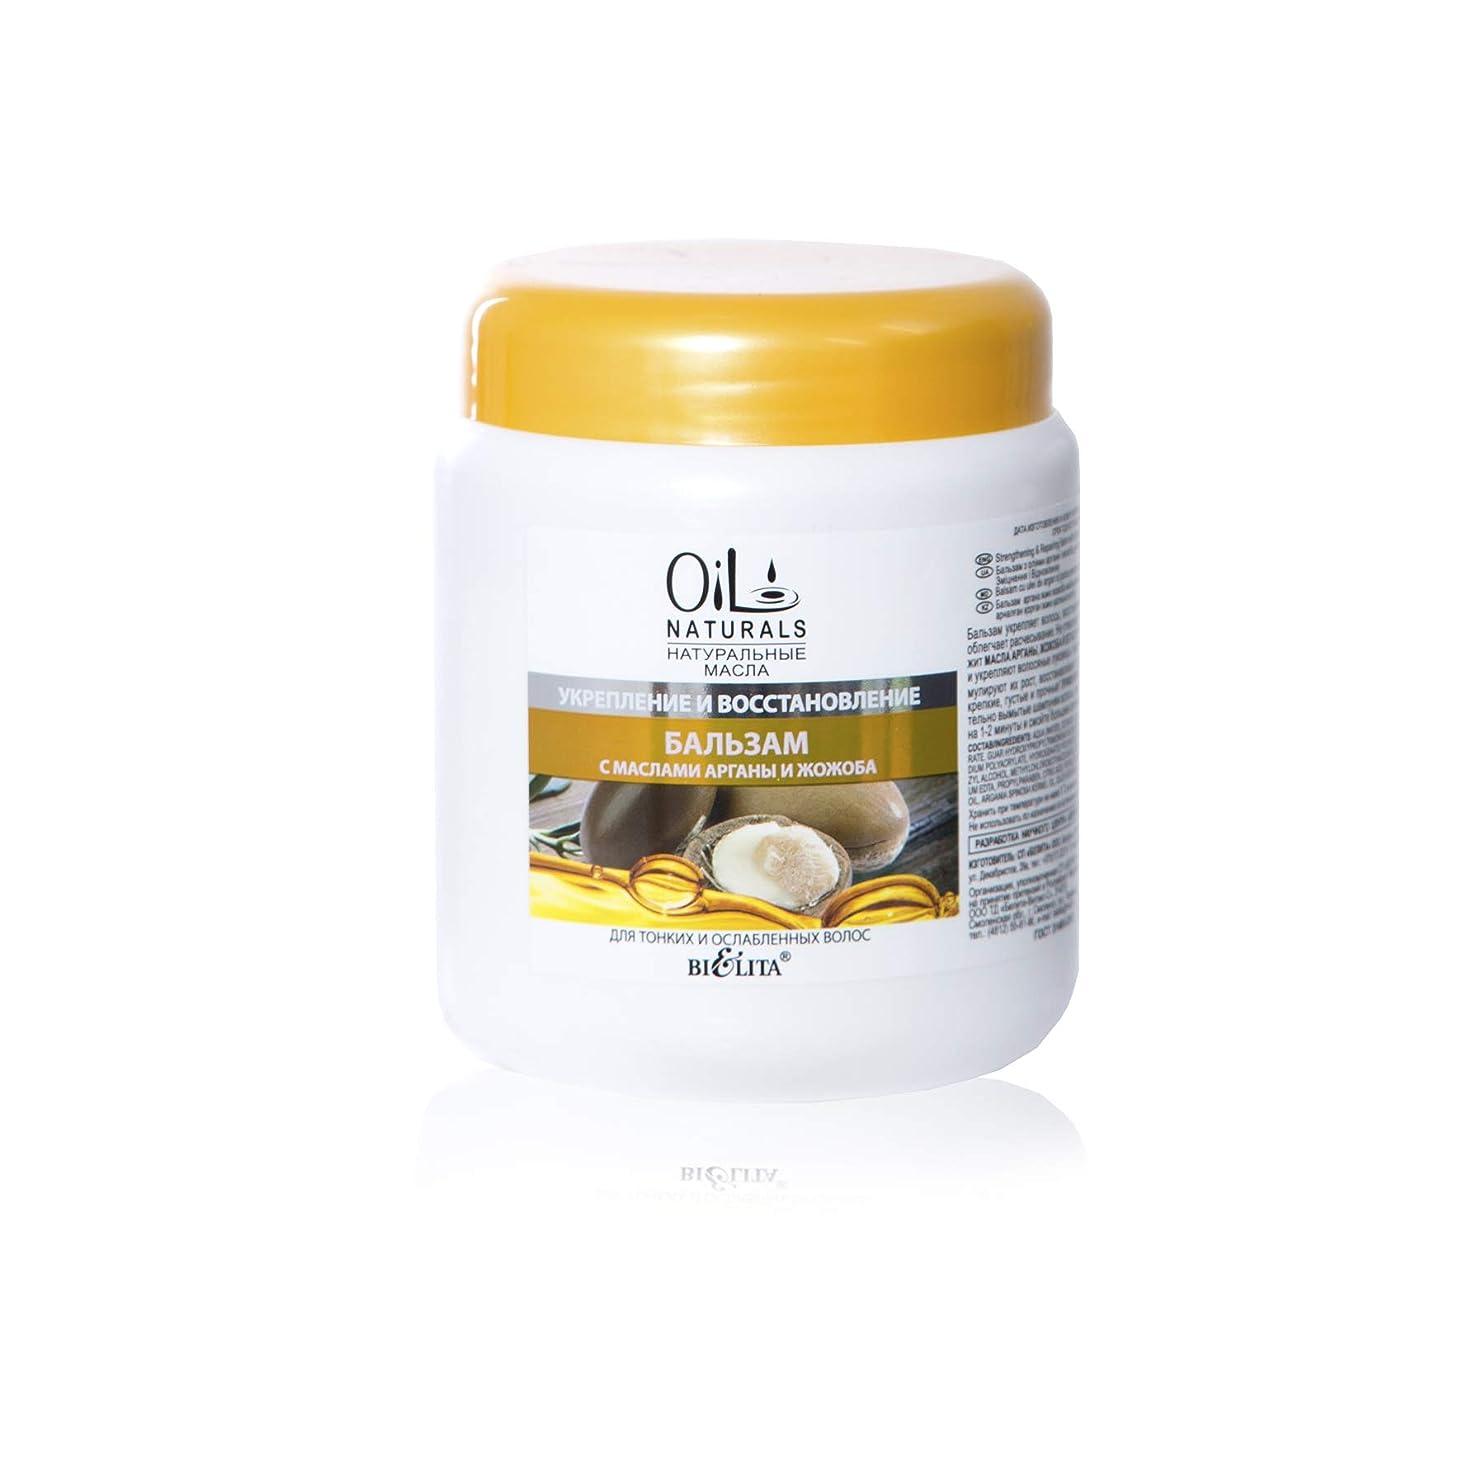 嫌がらせ隣接赤面Bielita & Vitex Oil Naturals Line   Strengthening Balm for Thin and Weak Hair, for All Hair Types, 450 ml   Argan Oil, Silk Proteins, Jojoba Oil, Vitamins